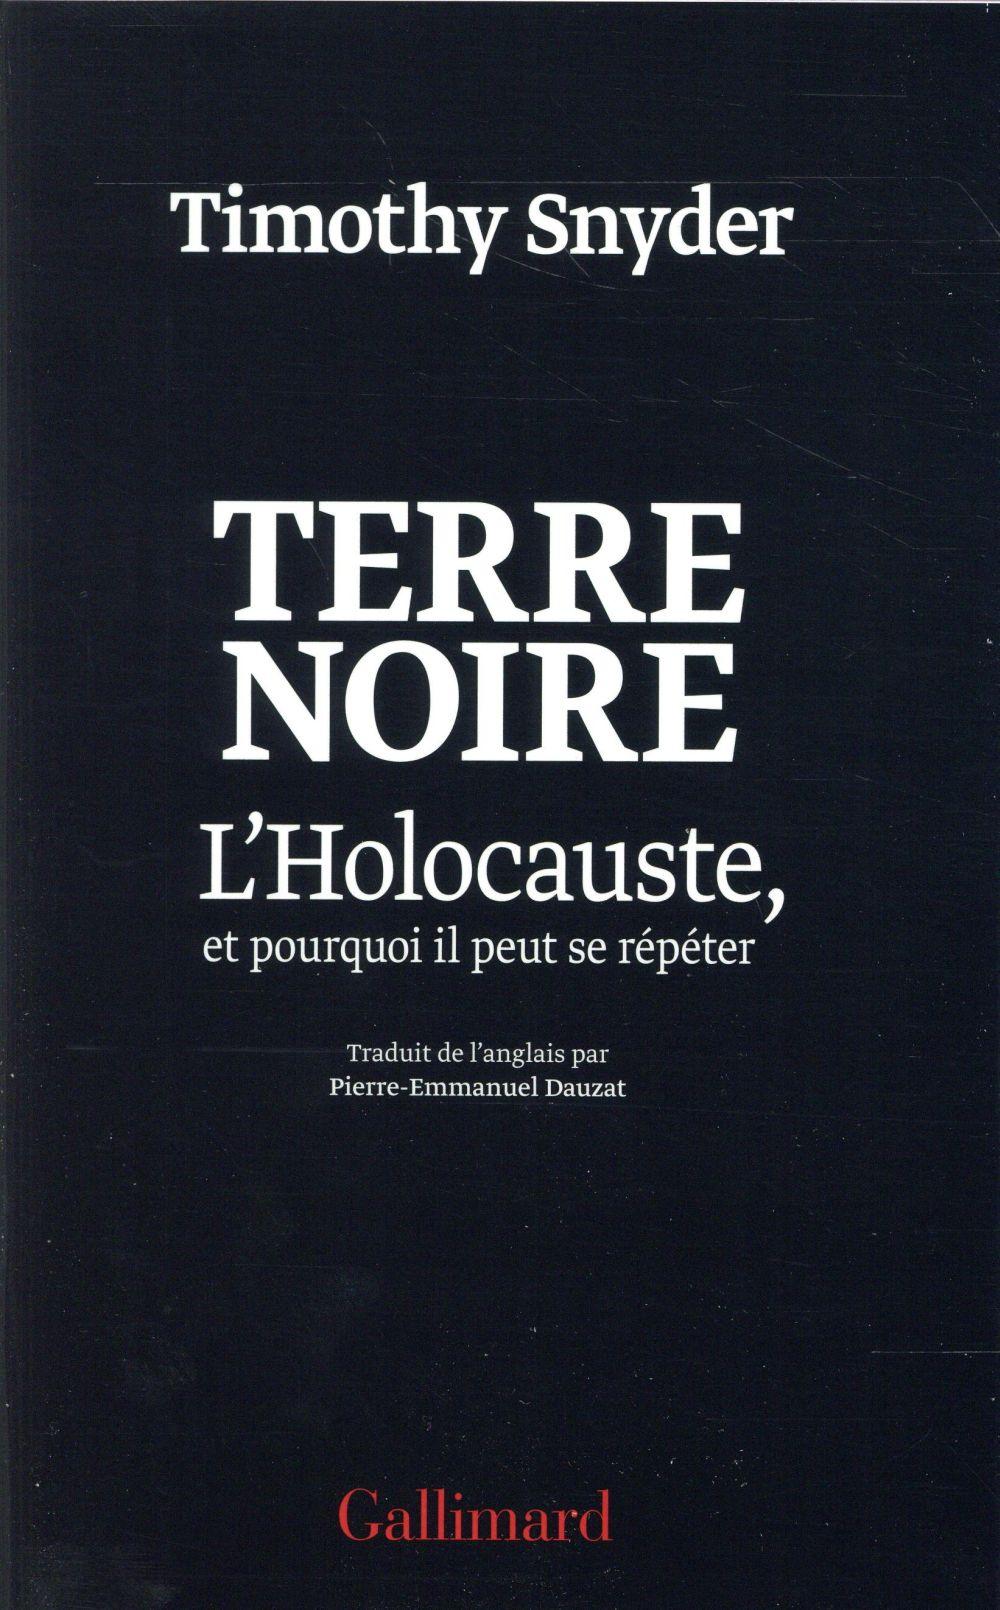 Terre noire ; l'Holocauste, et pourquoi il peut se répéter